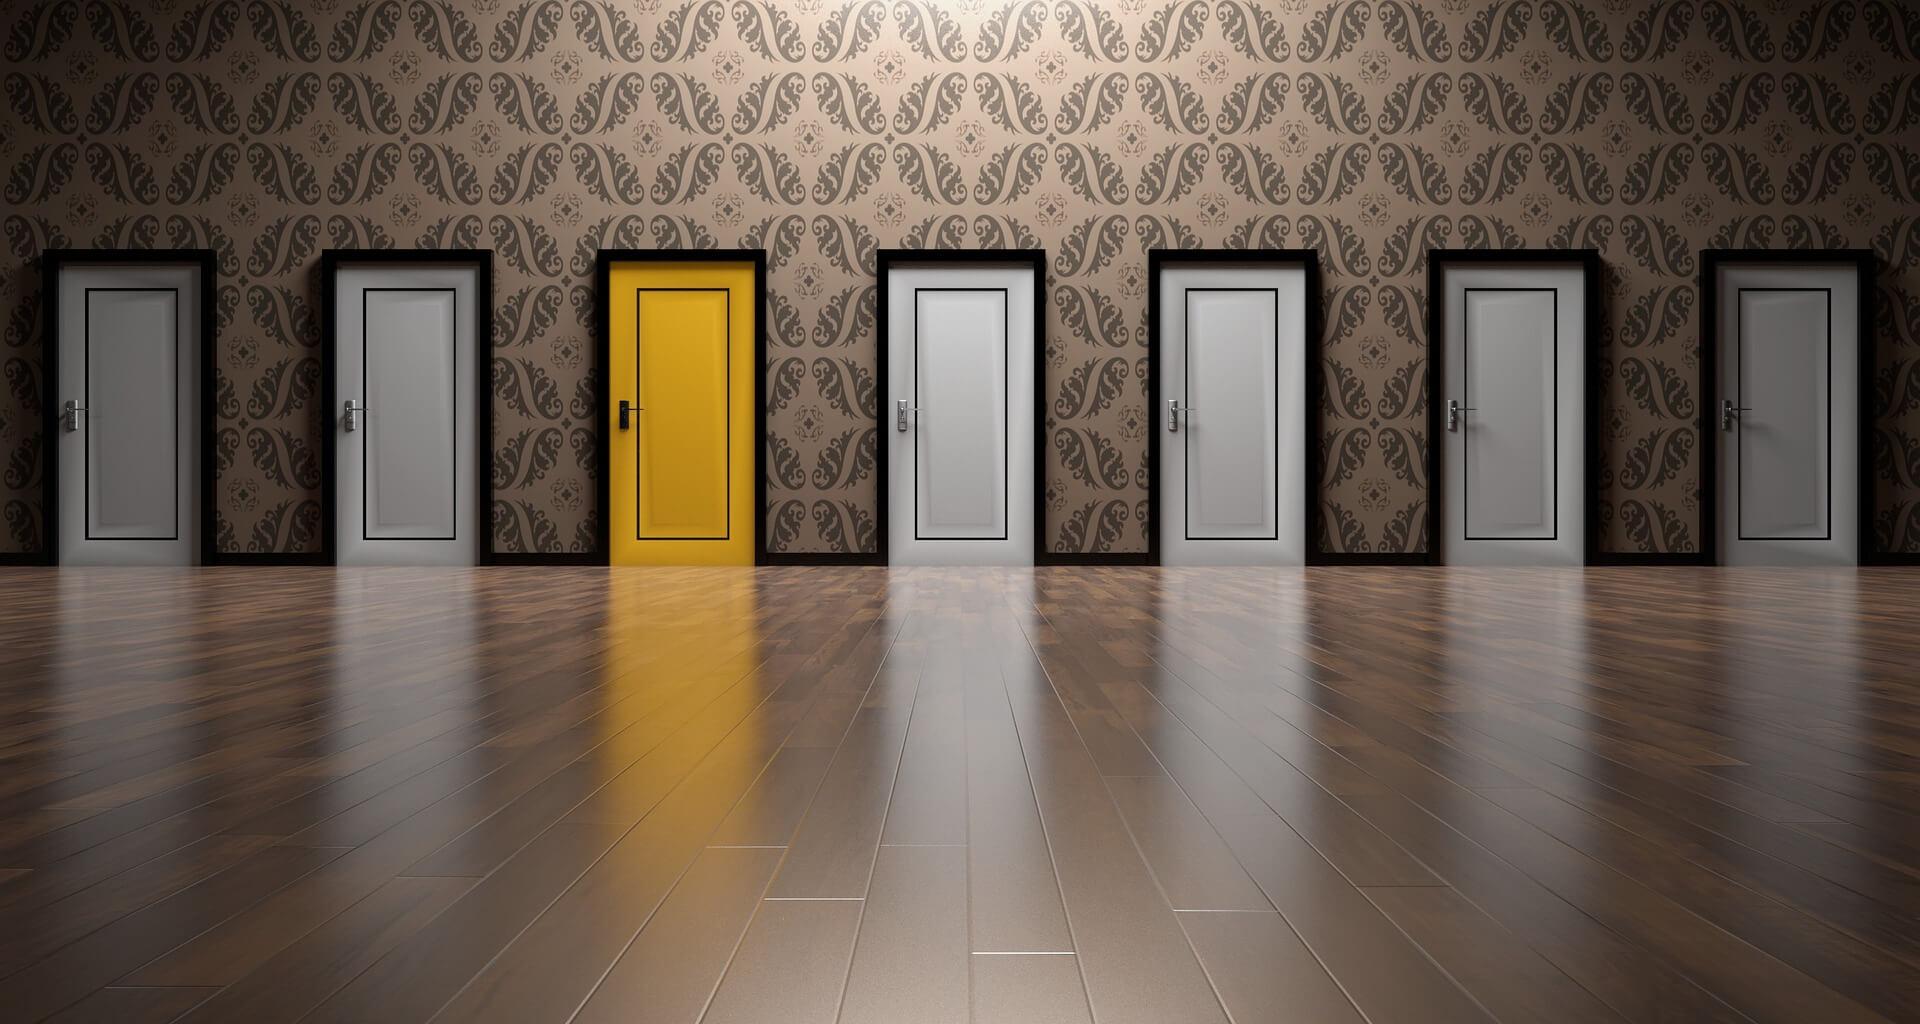 アパート経営での家賃保証契約で押さえておきたいリスク